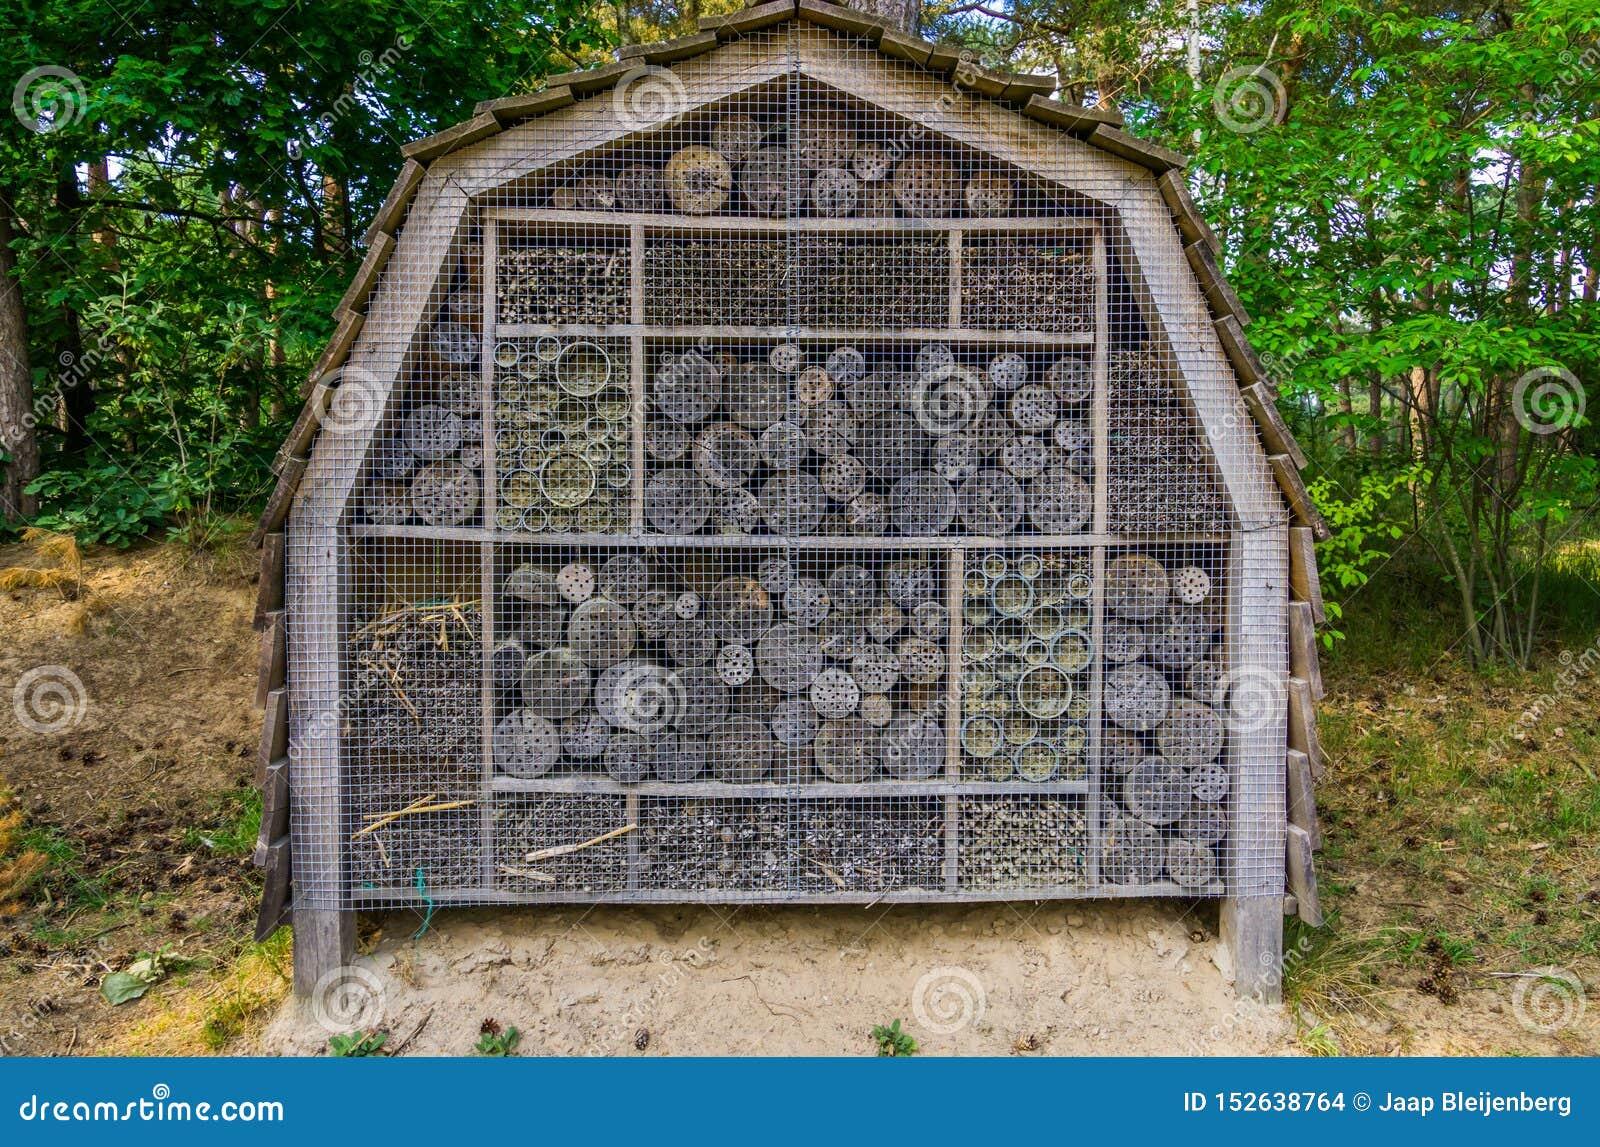 Großes Insektenhotel im Wald, Schutz für die Bienen und andere Insekten